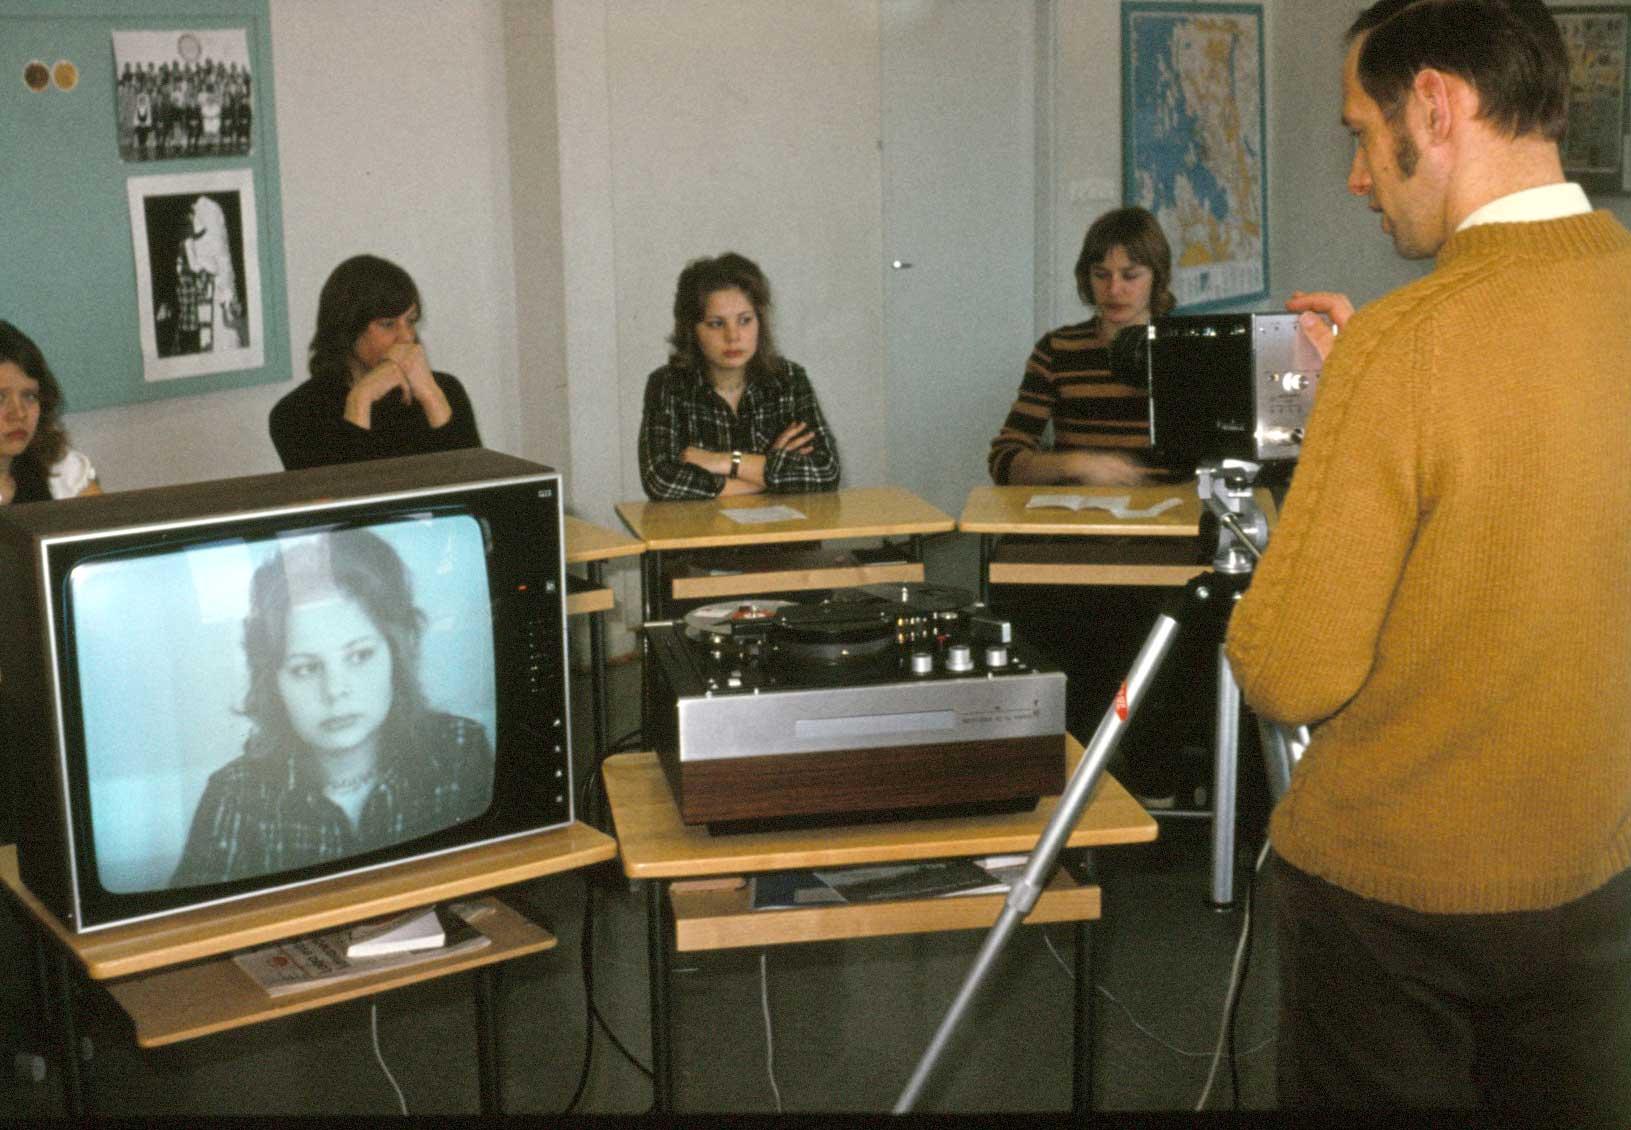 Åke Lillas undervisar en grupp i filmteknik med utrustning som lånats från AV-tjänst. Läsåret är 1973-74.